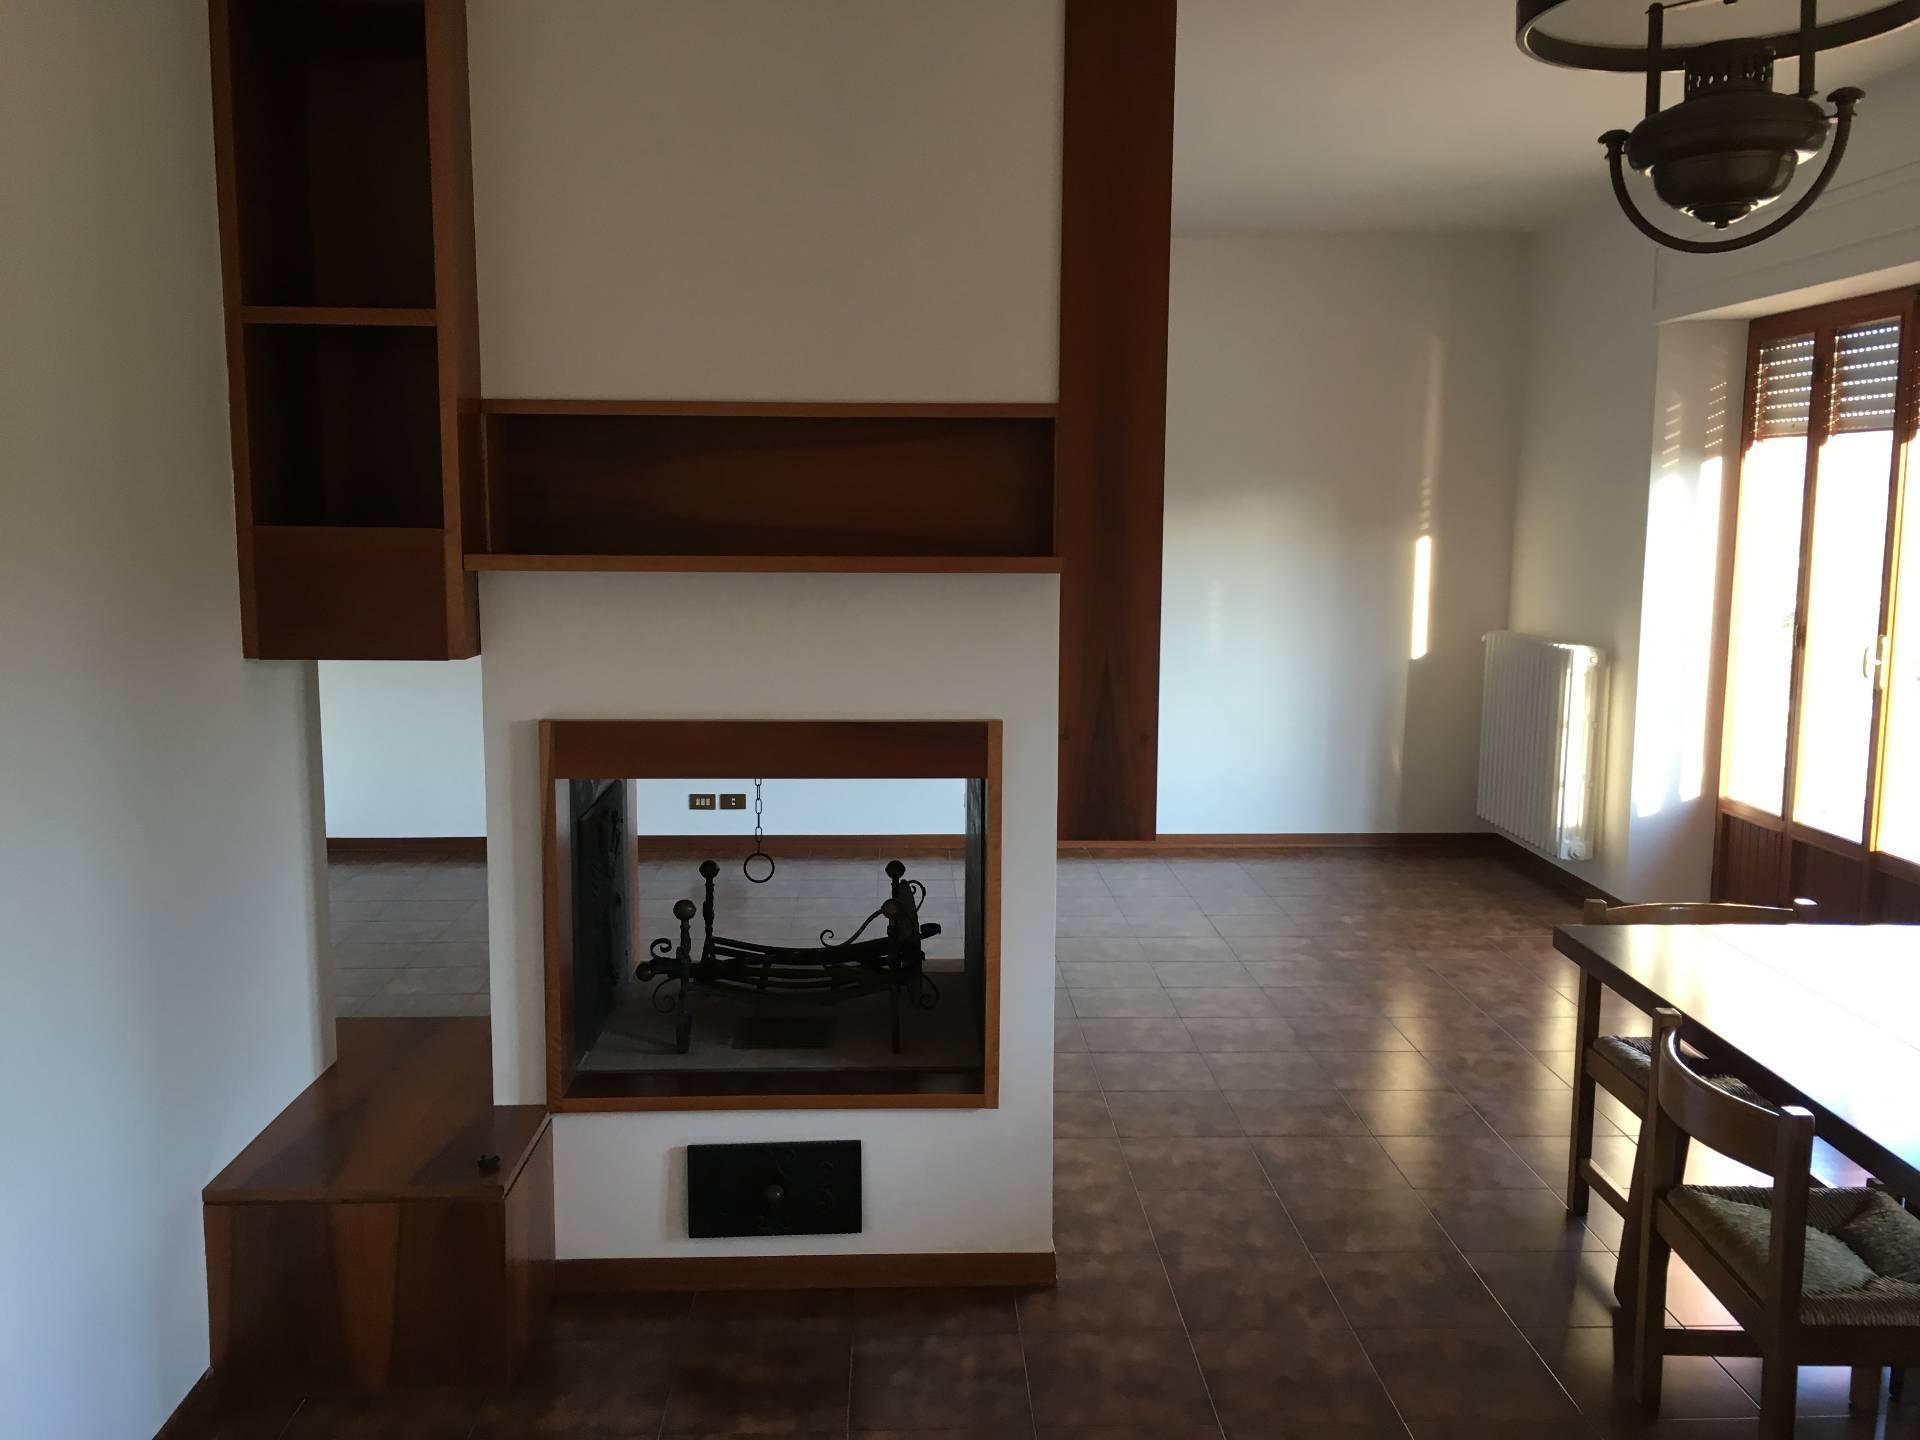 Appartamento in affitto a Falerone, 5 locali, zona Località: PianediFalerone, prezzo € 450 | Cambio Casa.it